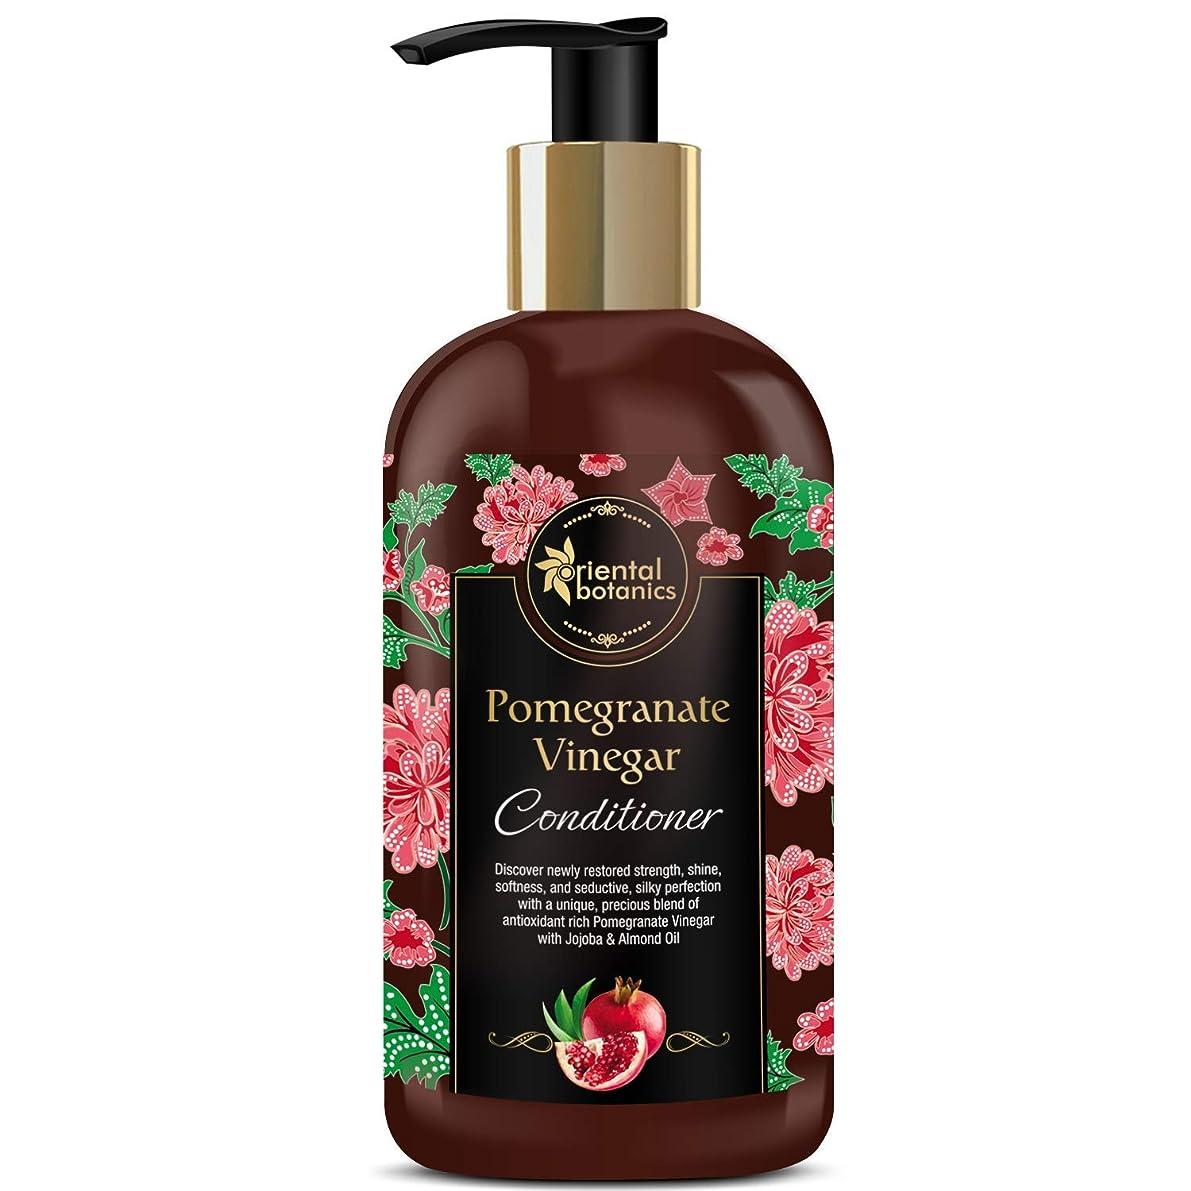 割り当てる発明するヘリコプターOriental Botanics Pomegranate Vinegar Conditioner - For Healthy, Strong Hair with Antioxidant Boost & Golden Jojoba Oil, 300ml